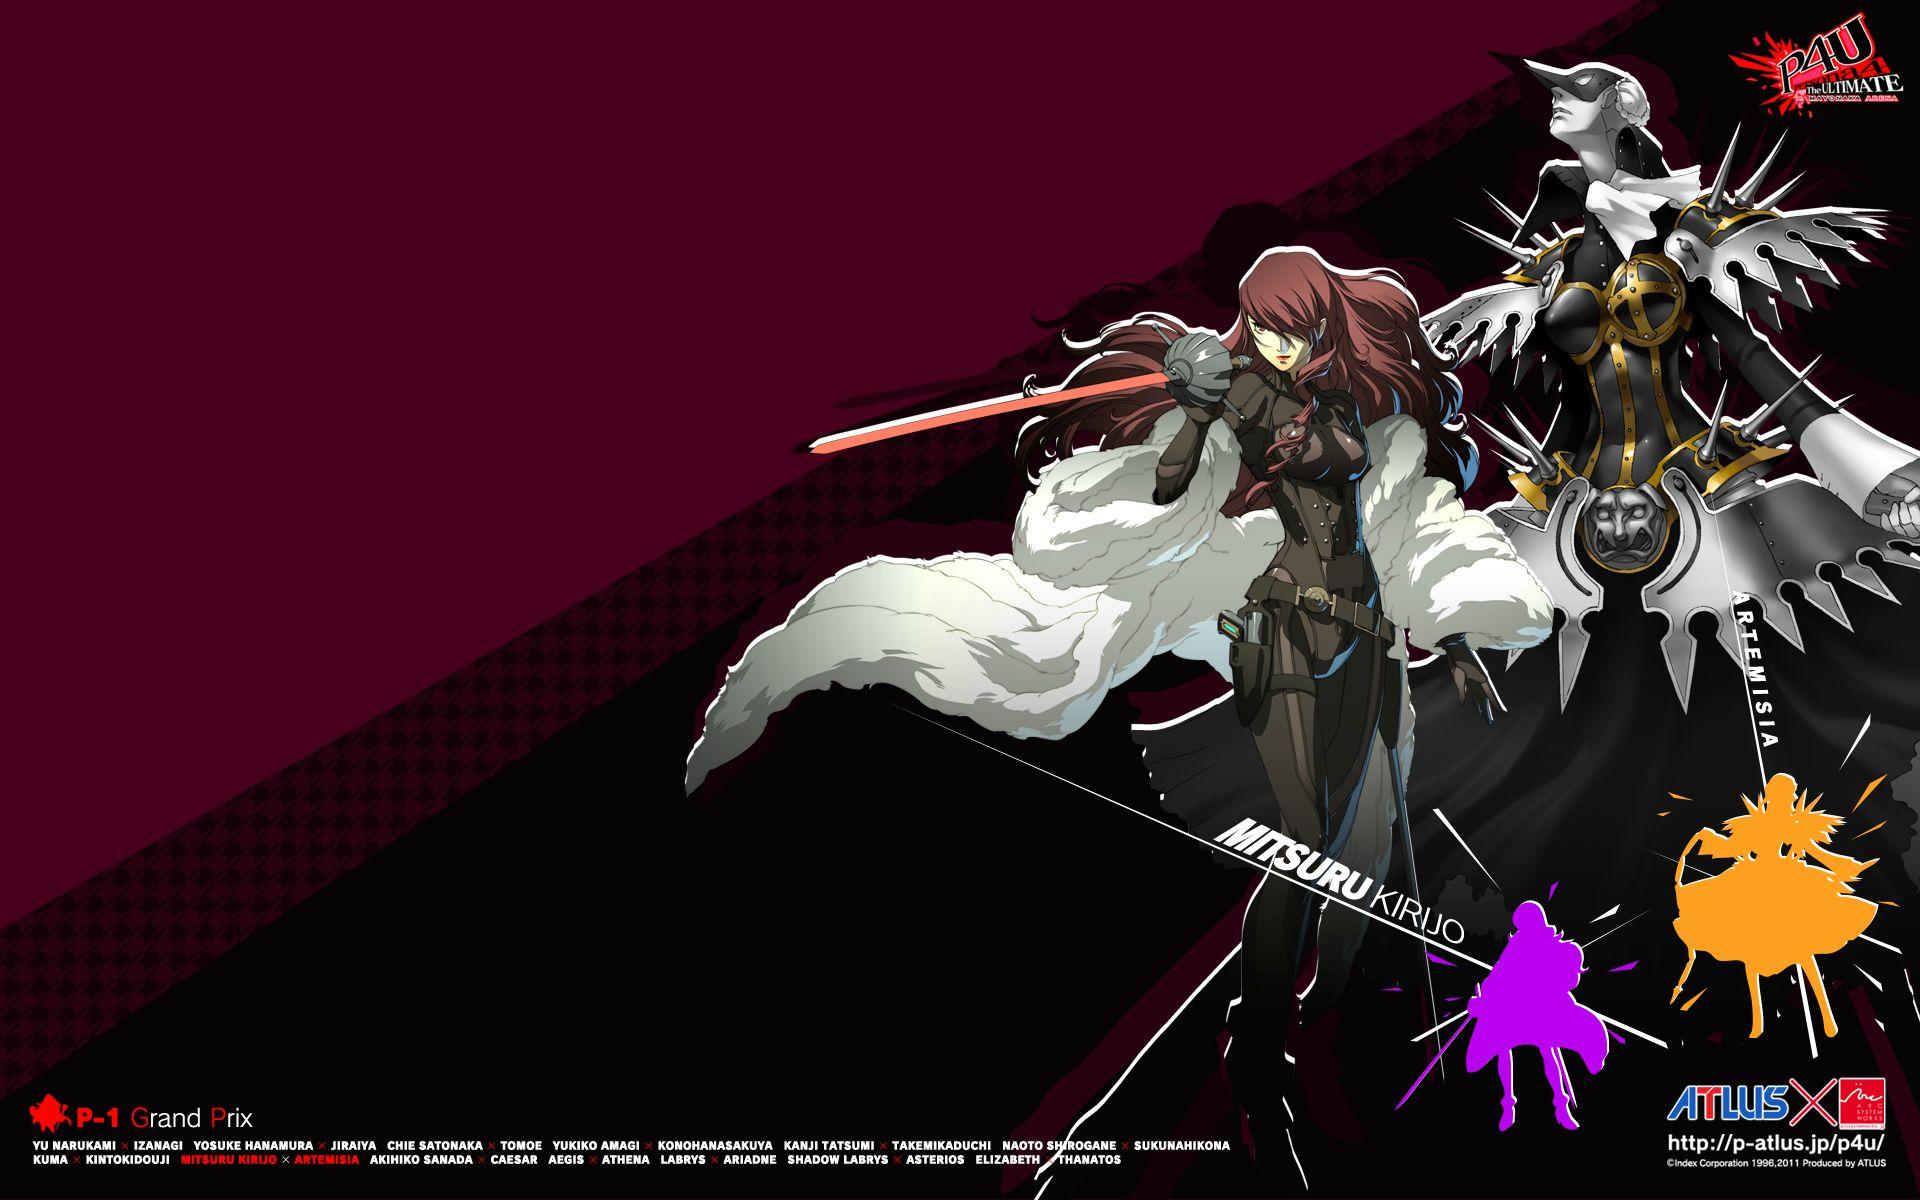 Persona Arena Wallpaper 13 Fav Persona 4 The Ultimate